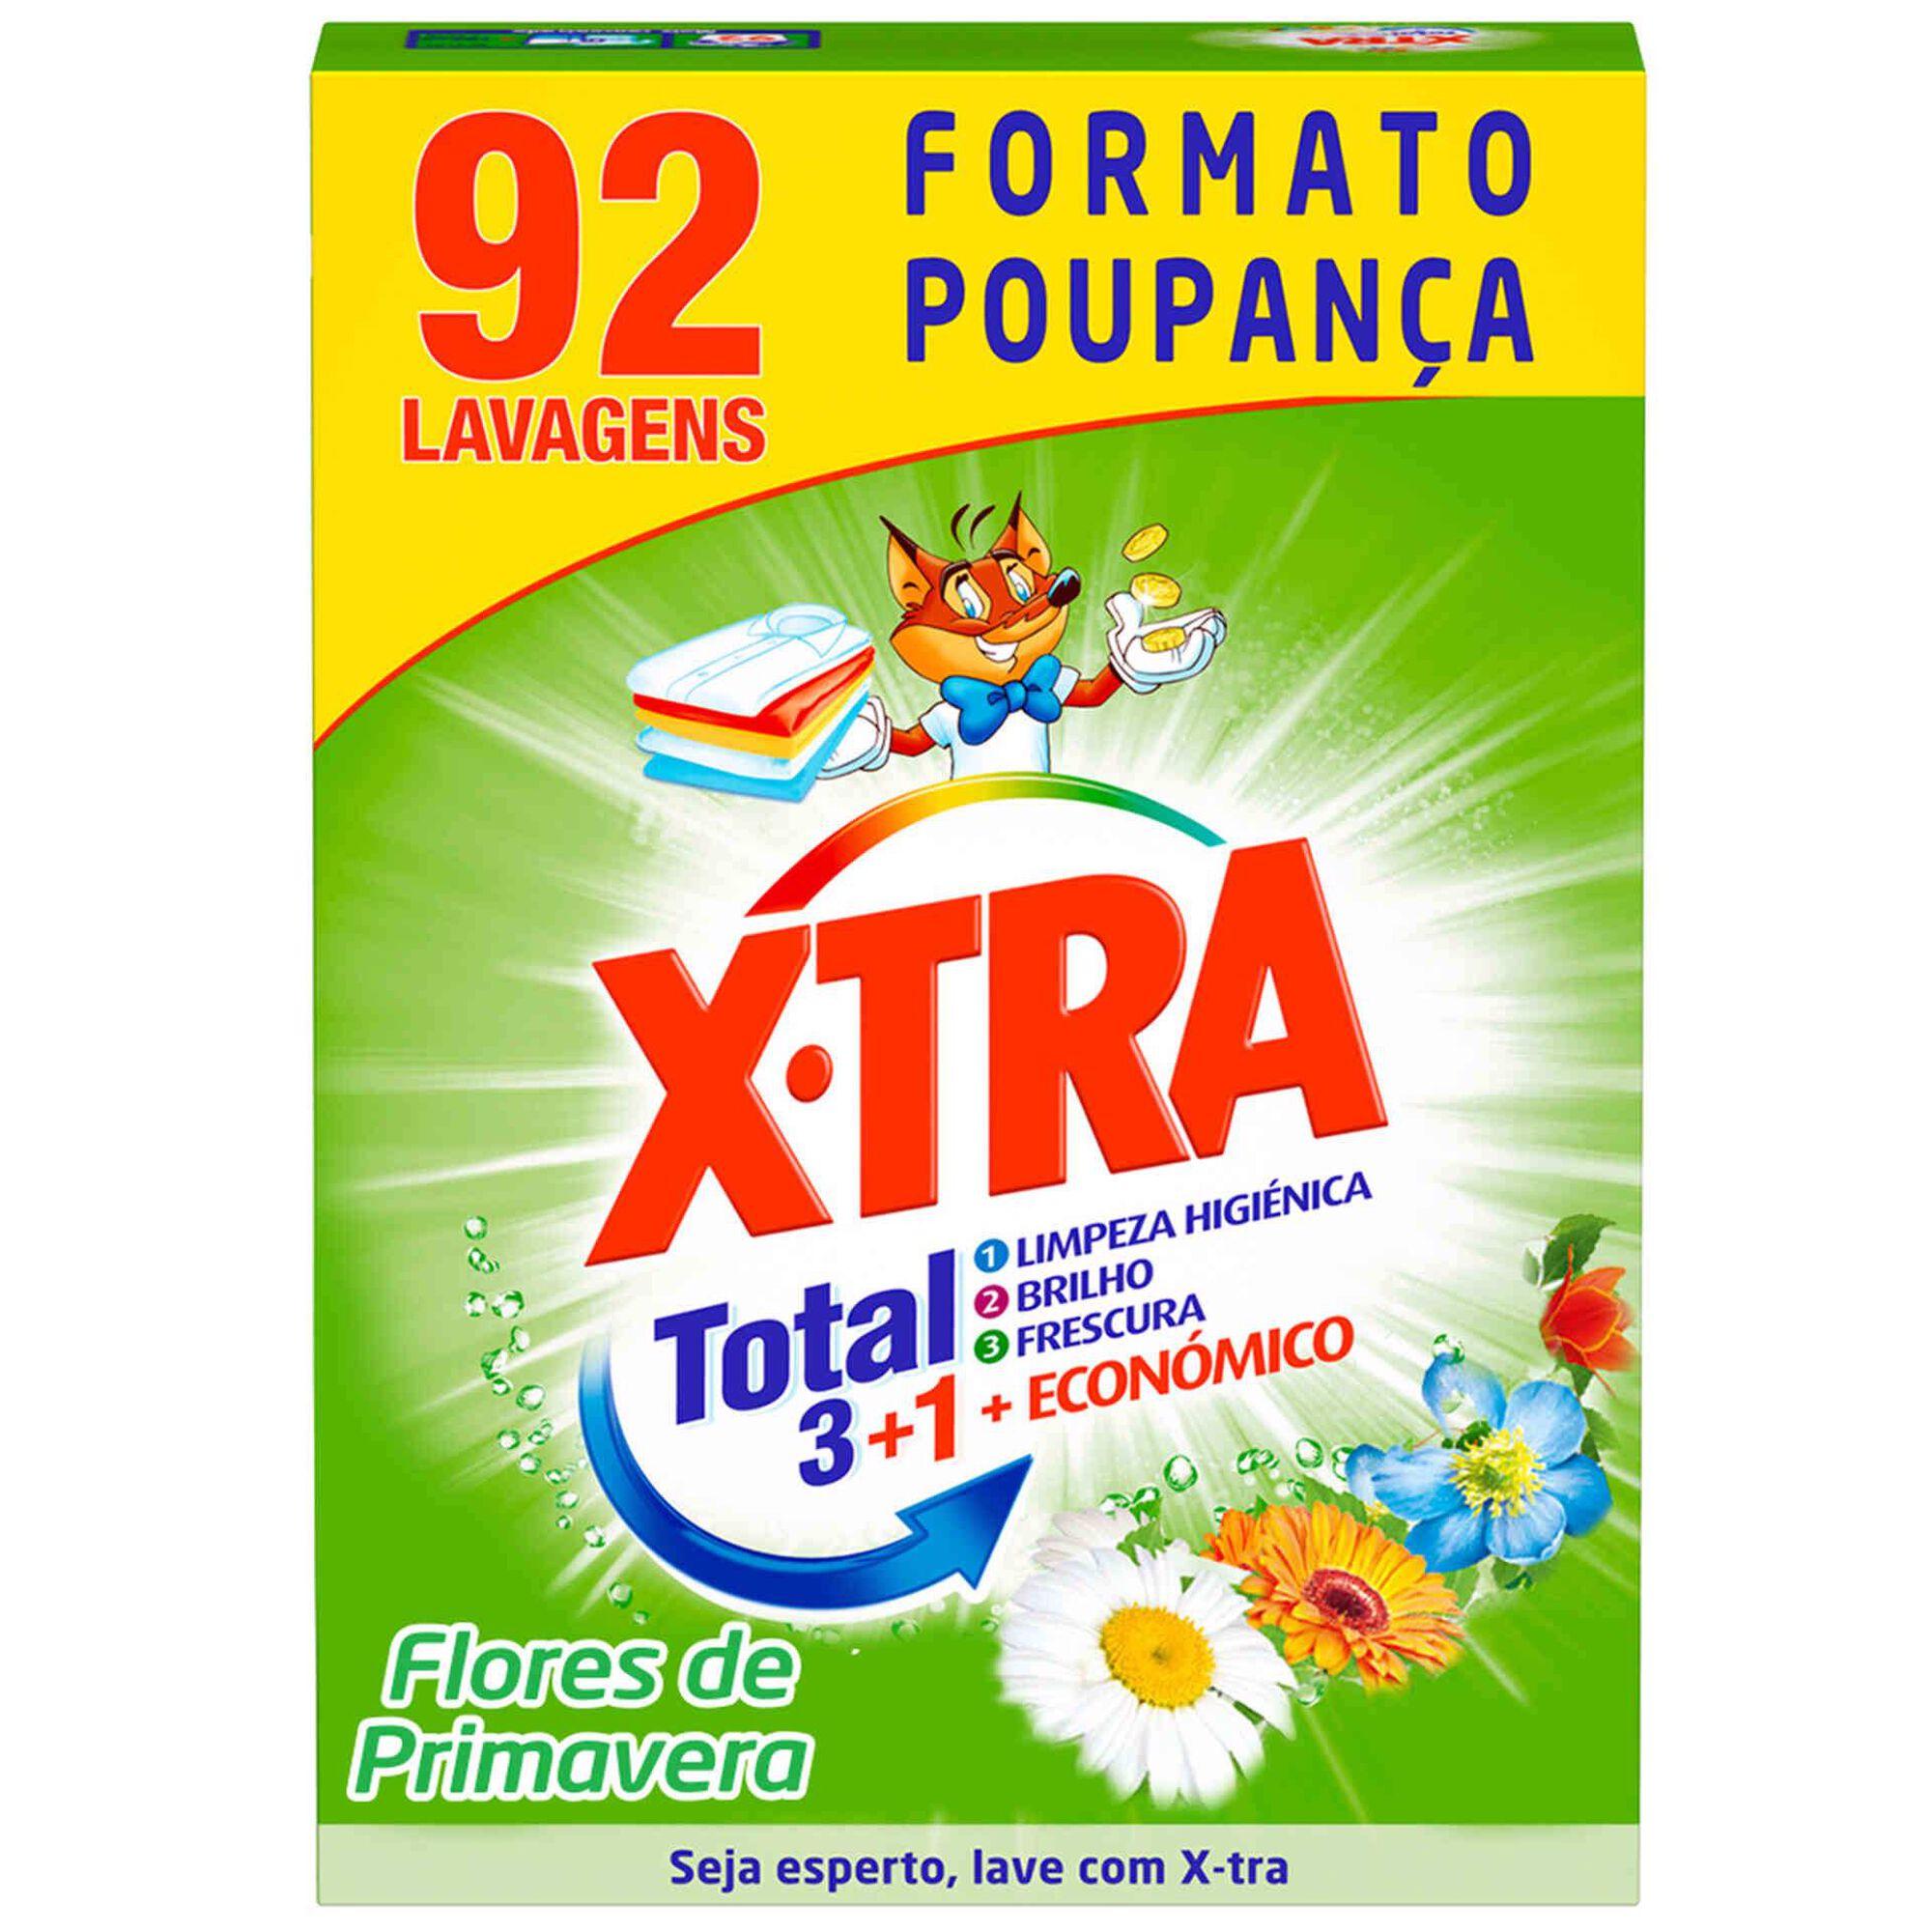 Detergente Máquina Roupa Pó Flor Primavera